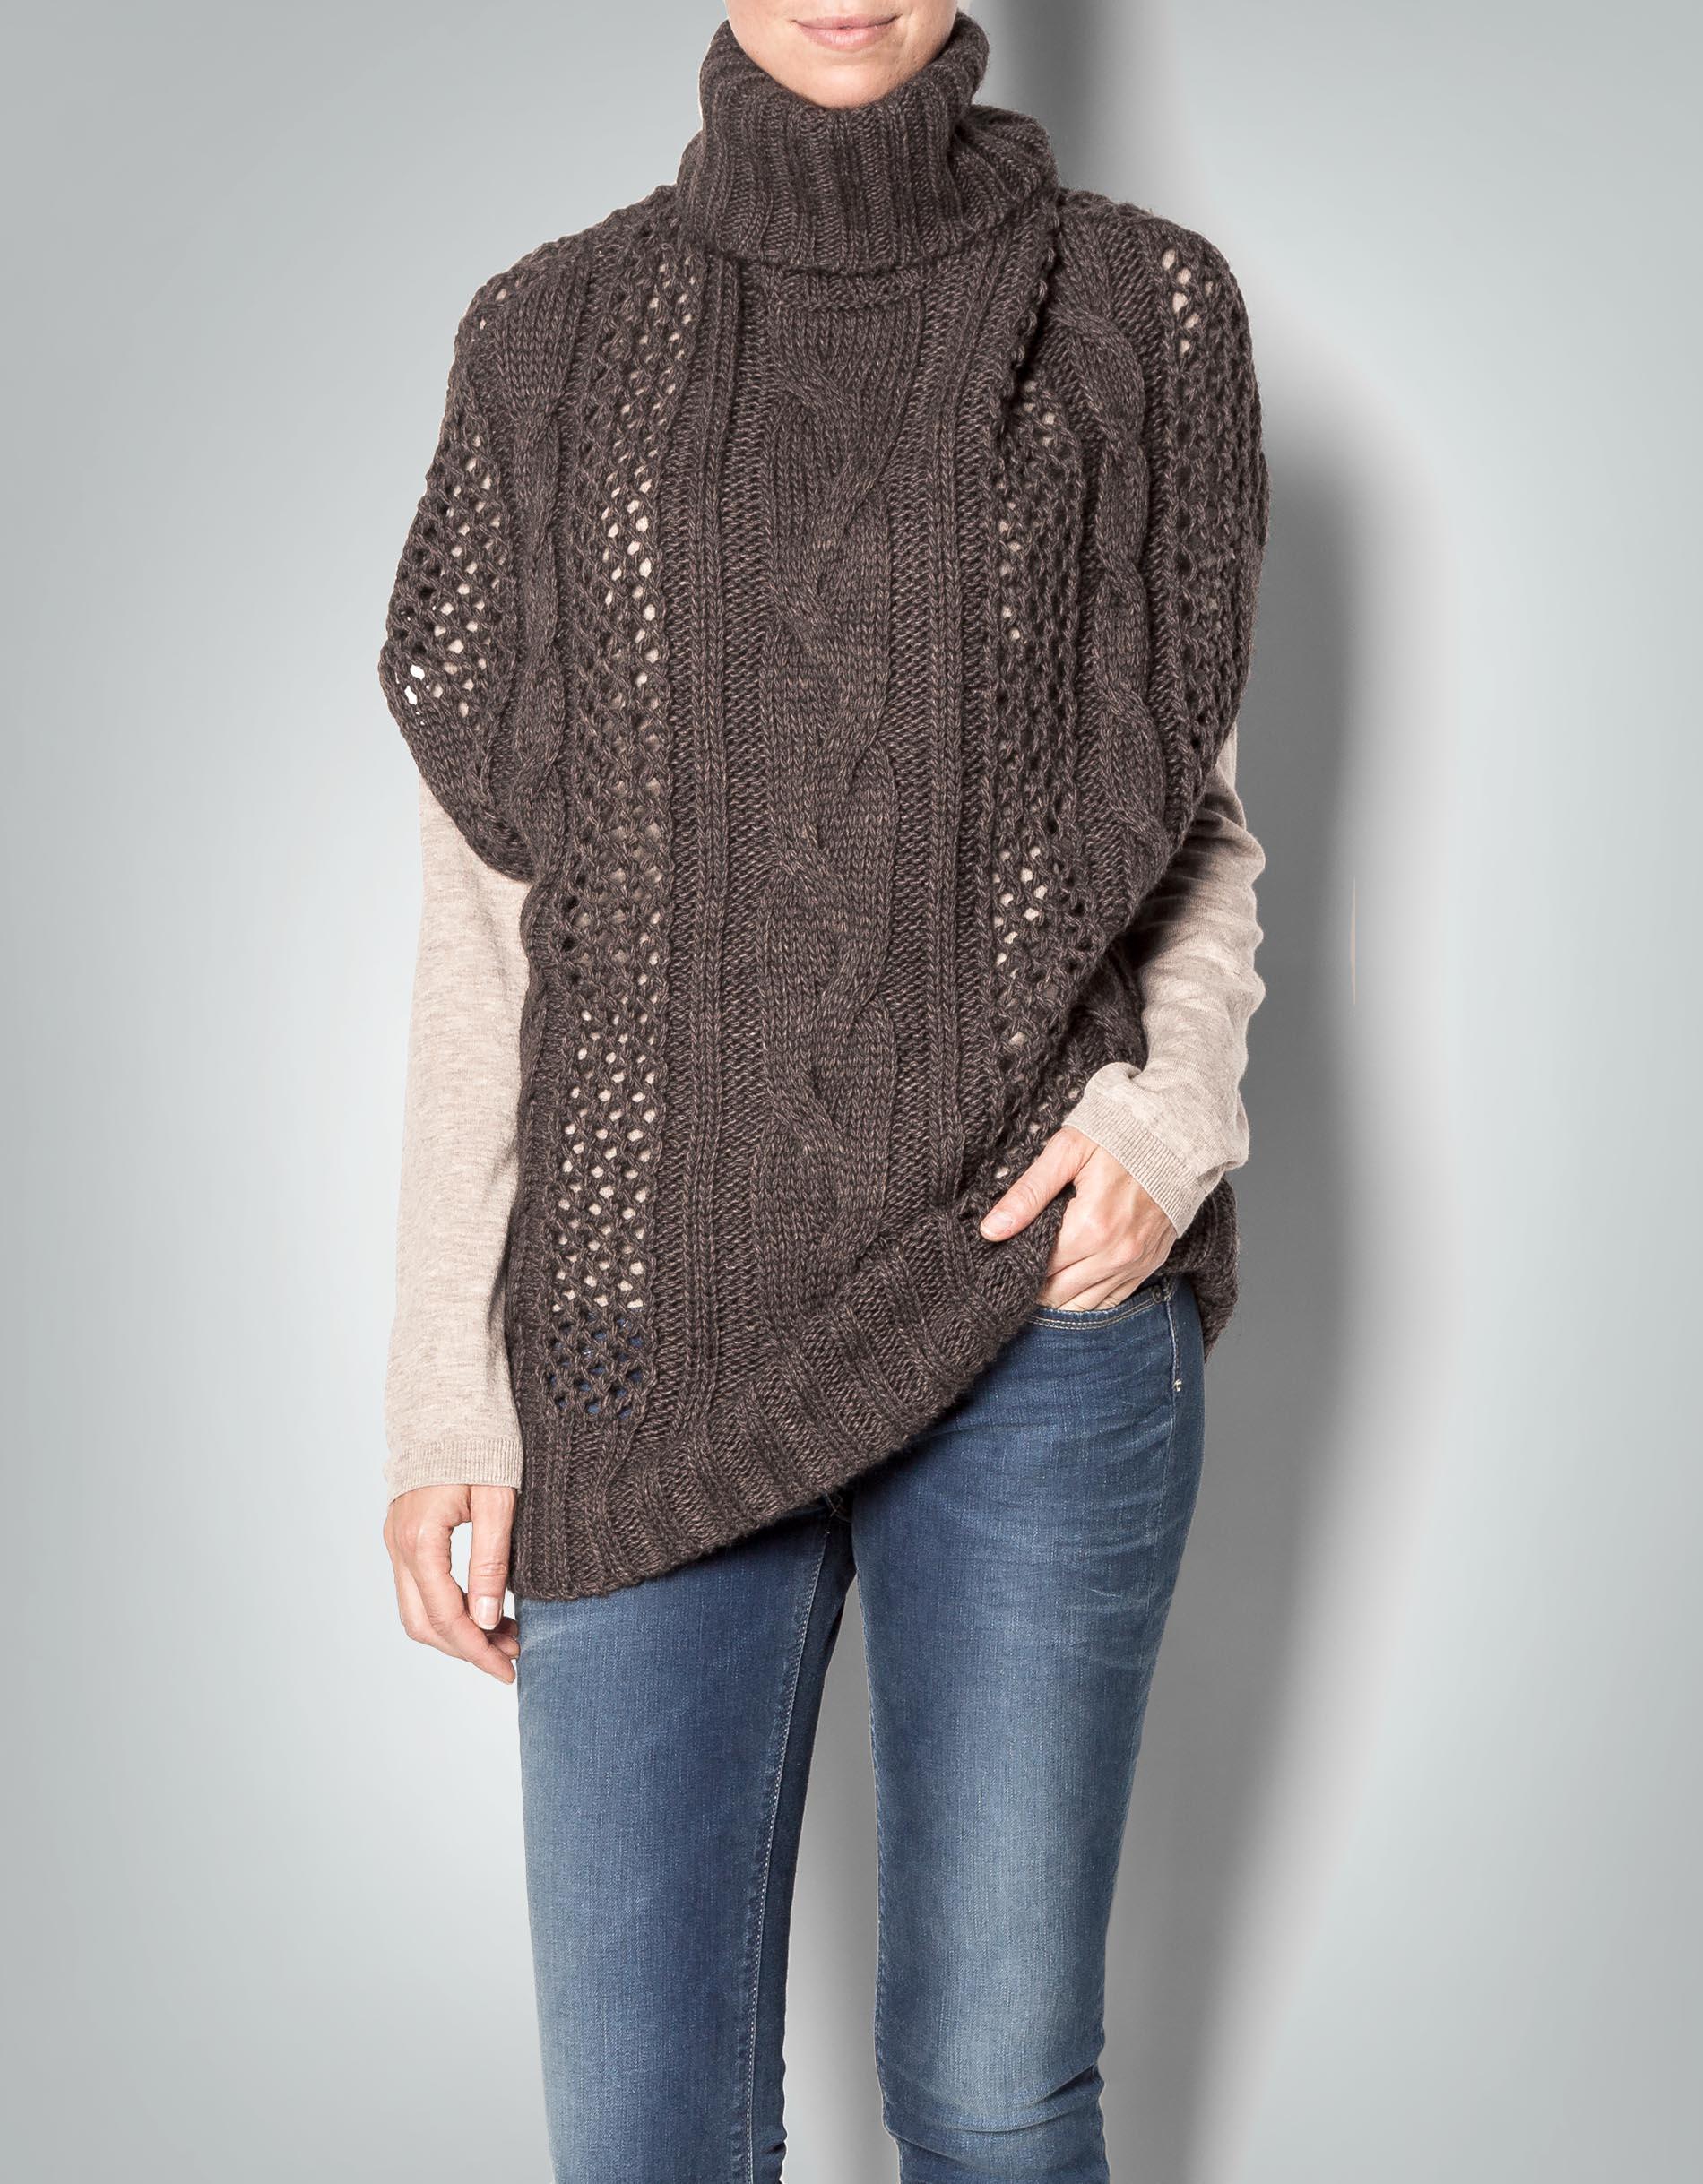 c7080d68802530 Replay Damen Rolli-Pullunder Pullover im Poncho-Look empfohlen von Deinen  Schwestern